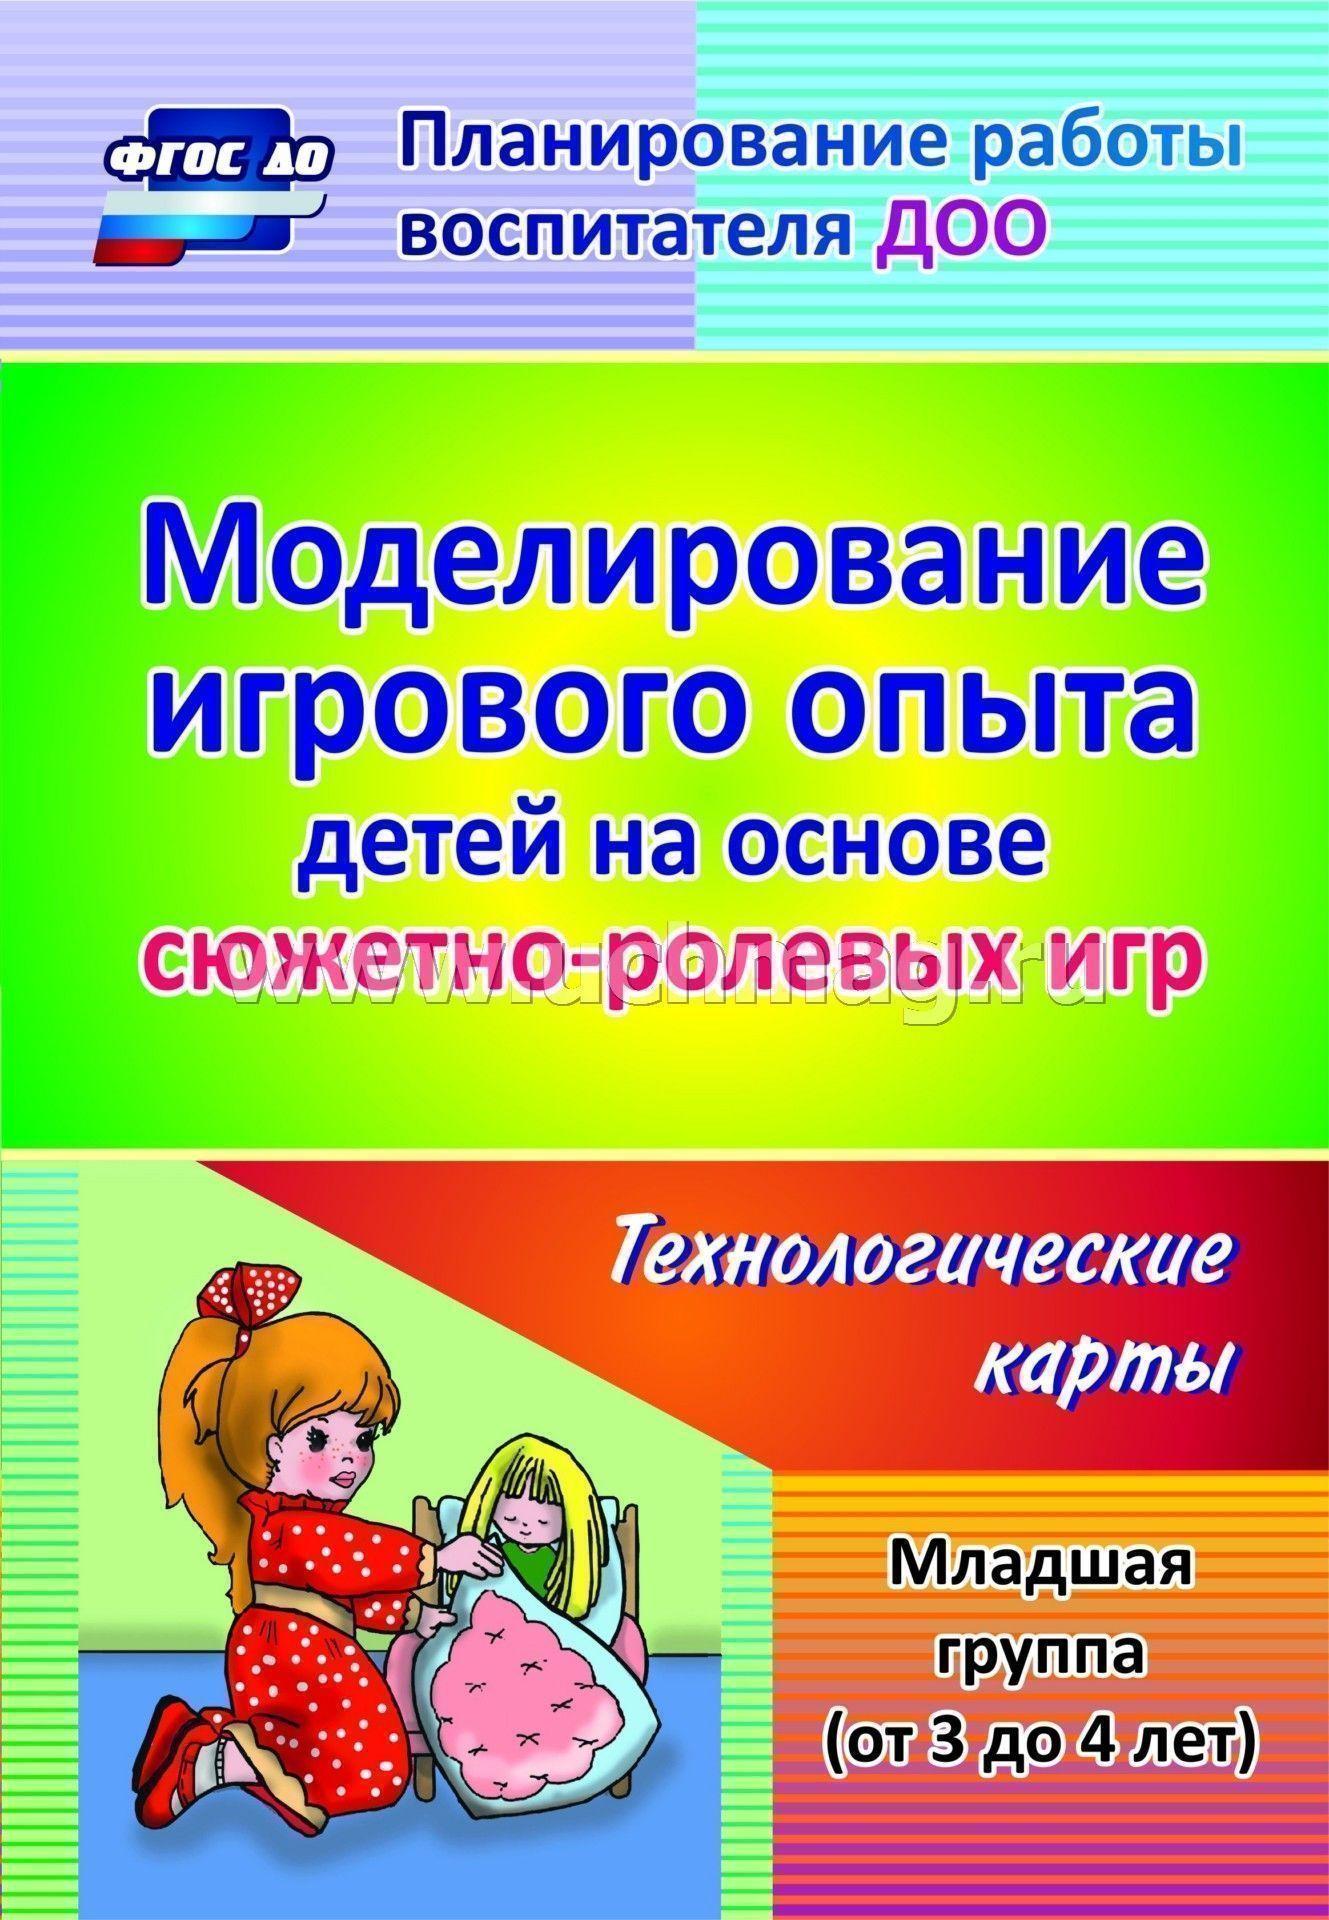 игры на игровом сайте для детей